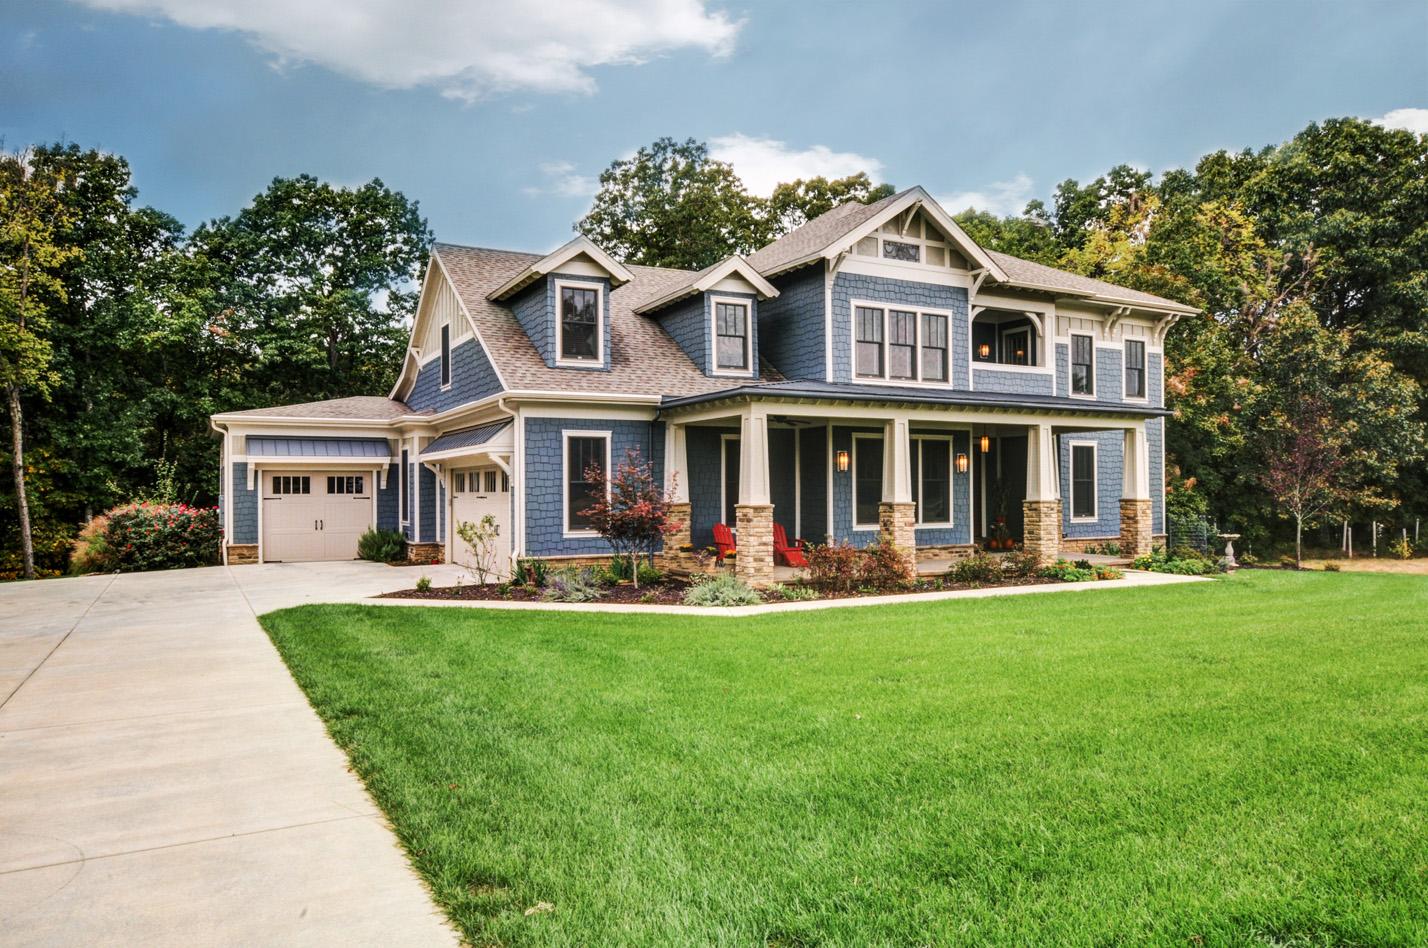 built-by-brett-custom-home-builders-springfield-mo-stonegate-court-exterior-004.jpg